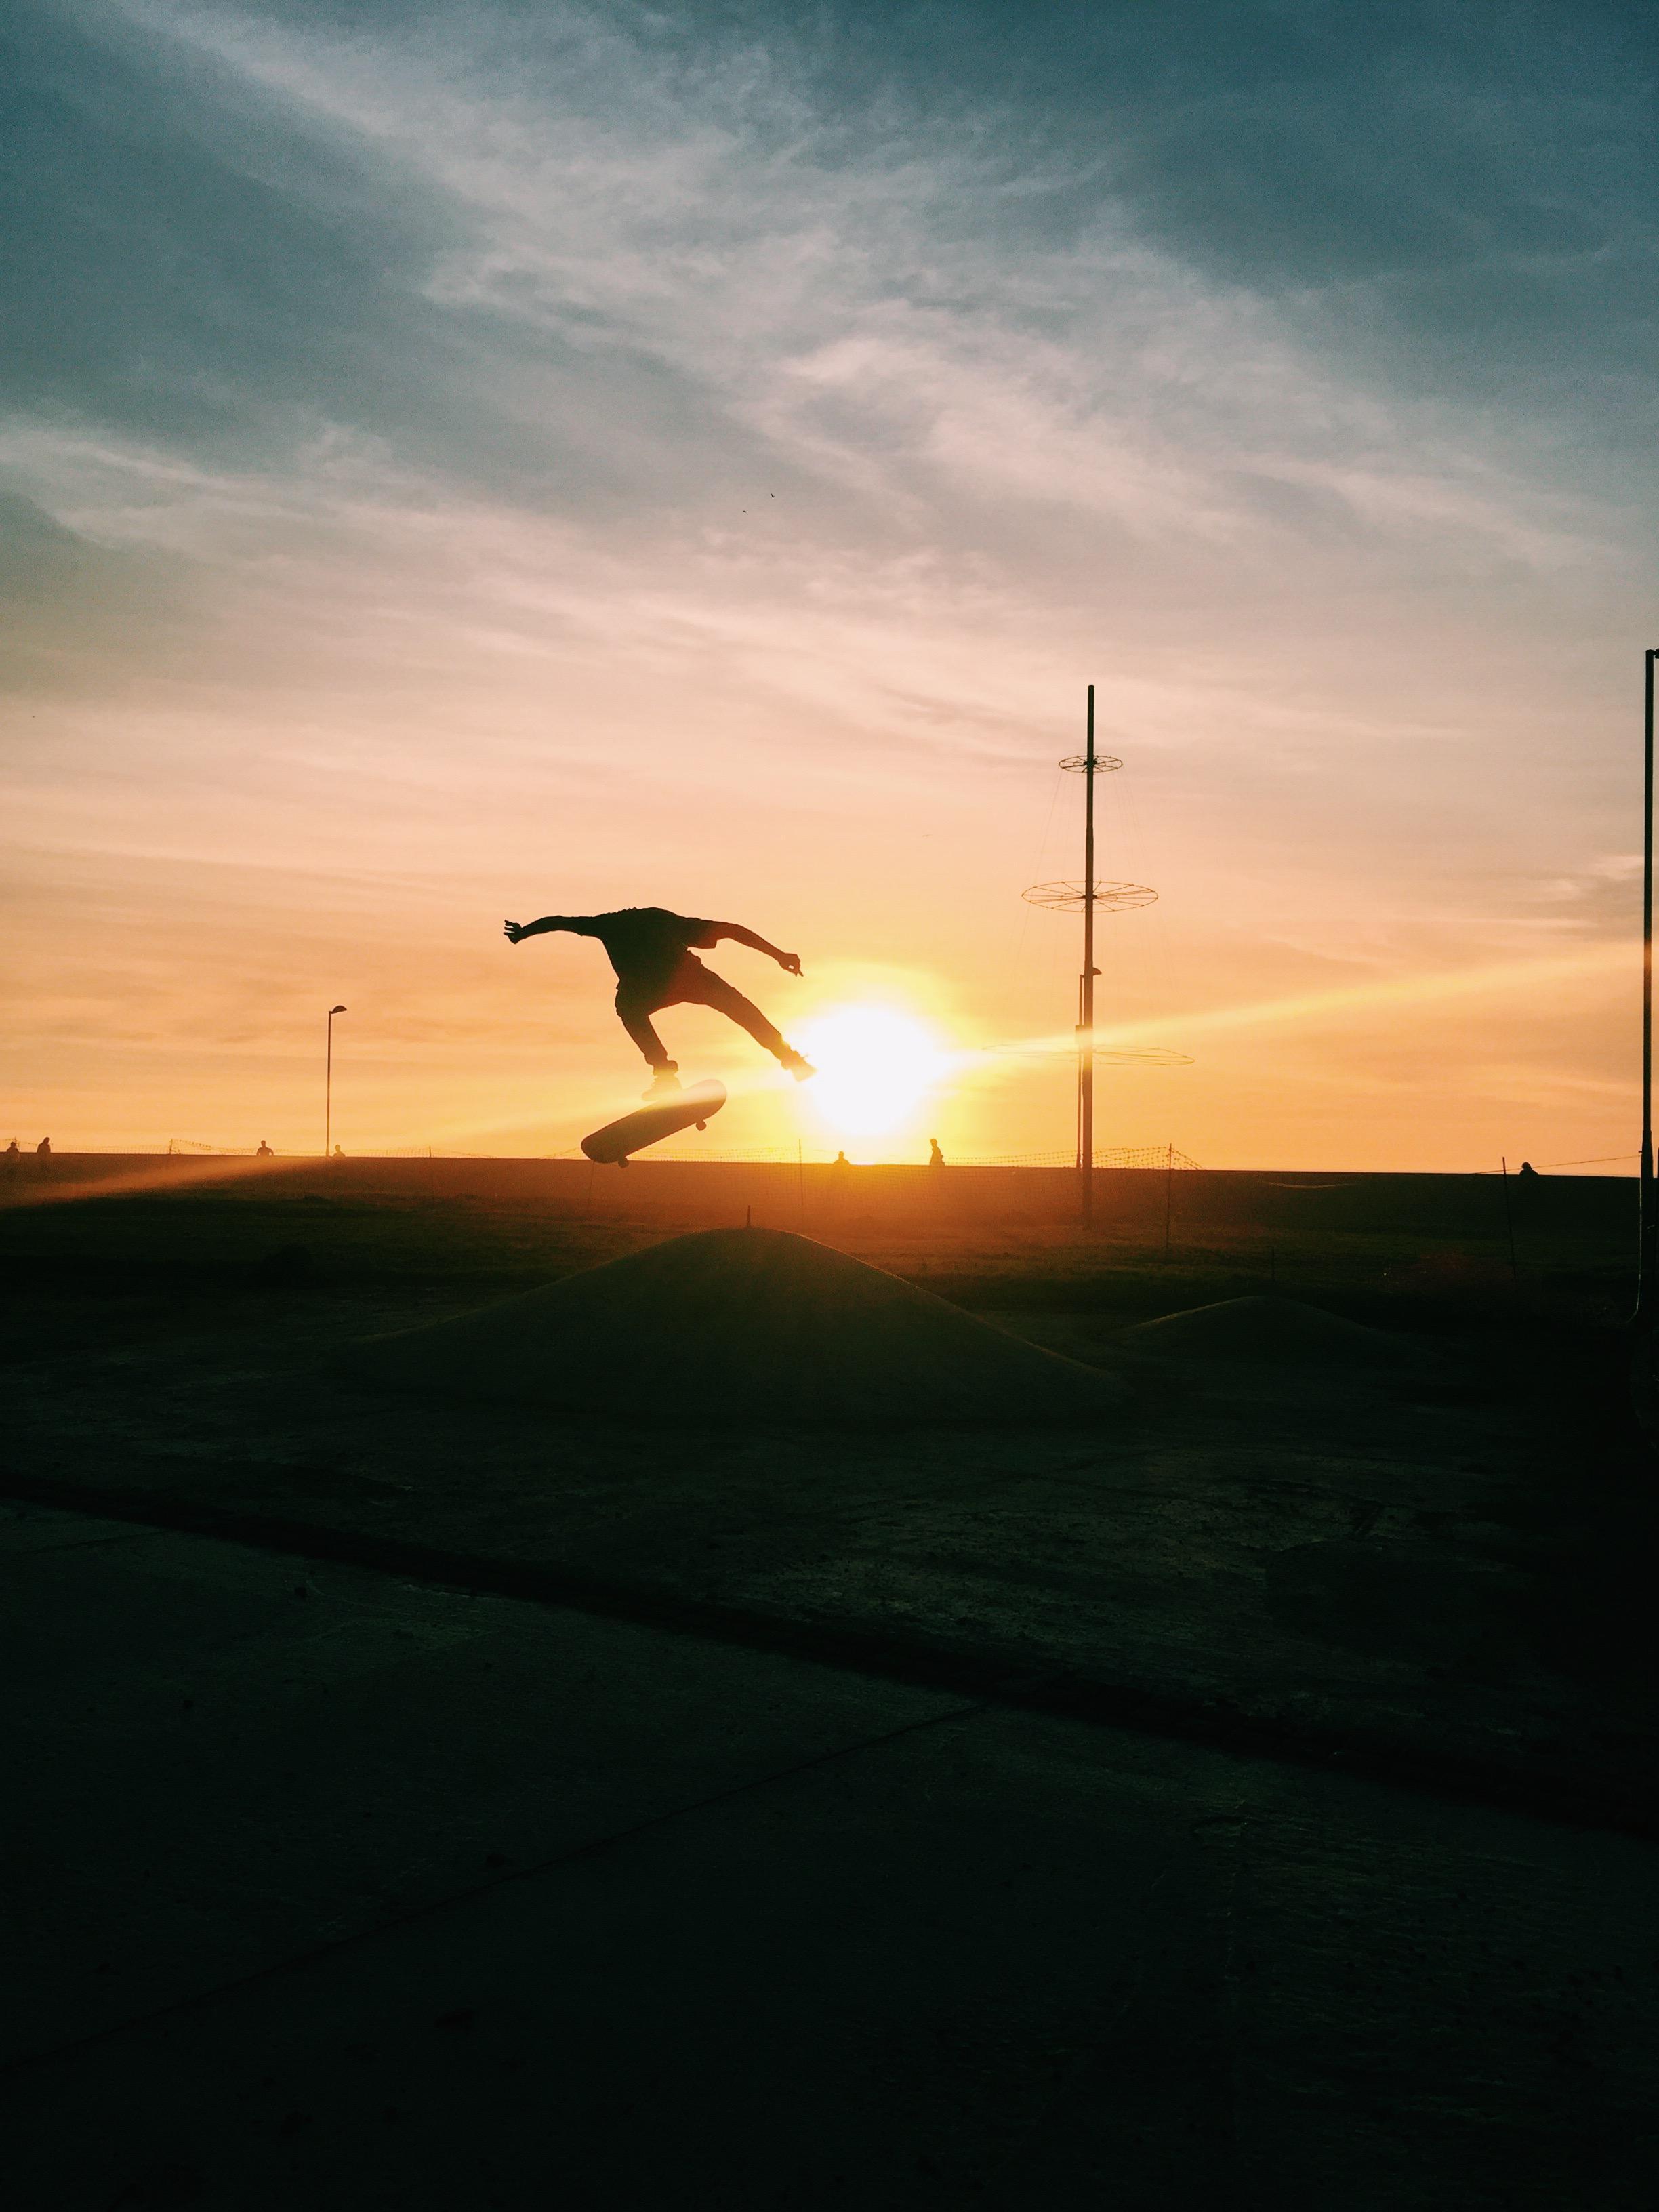 Skateboarder Cape Town.jpg